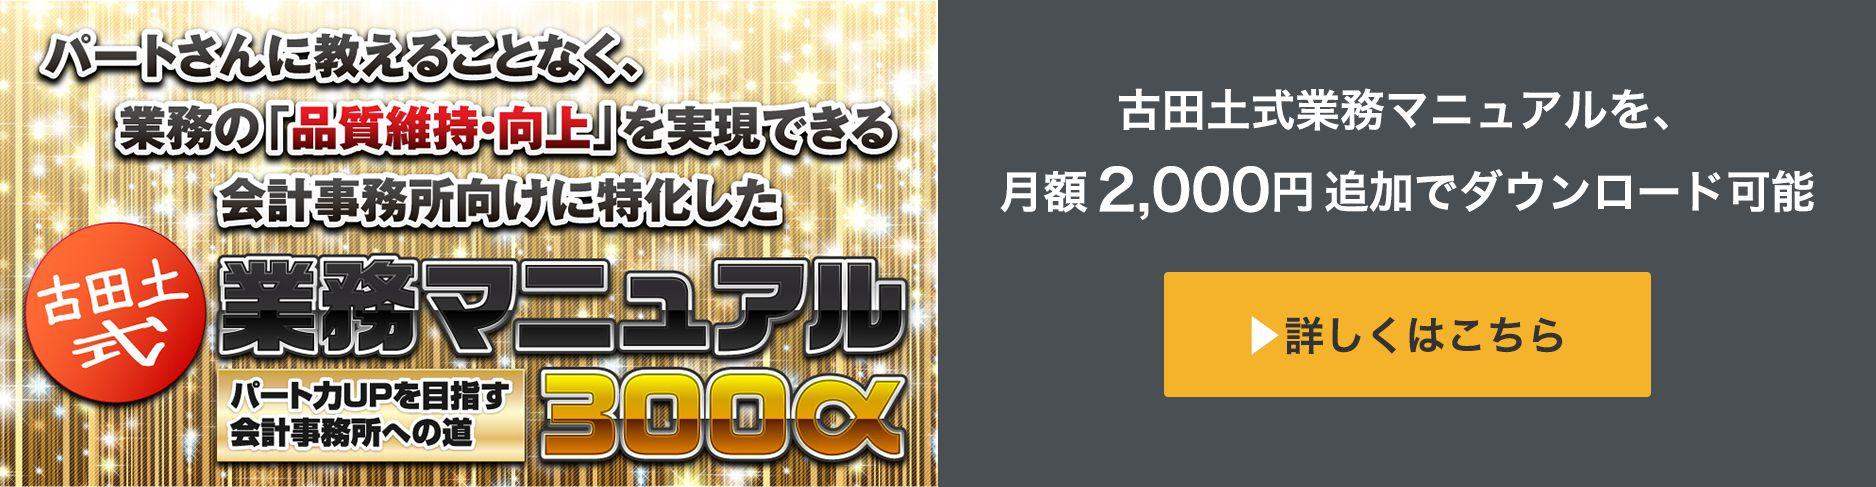 パートさんに教えることなく、業務の「品質維持・向上」を実現できる会計事務所向けに特化した「吉田式 業務マニュアル300α」を月額2,000円追加でダウンロード